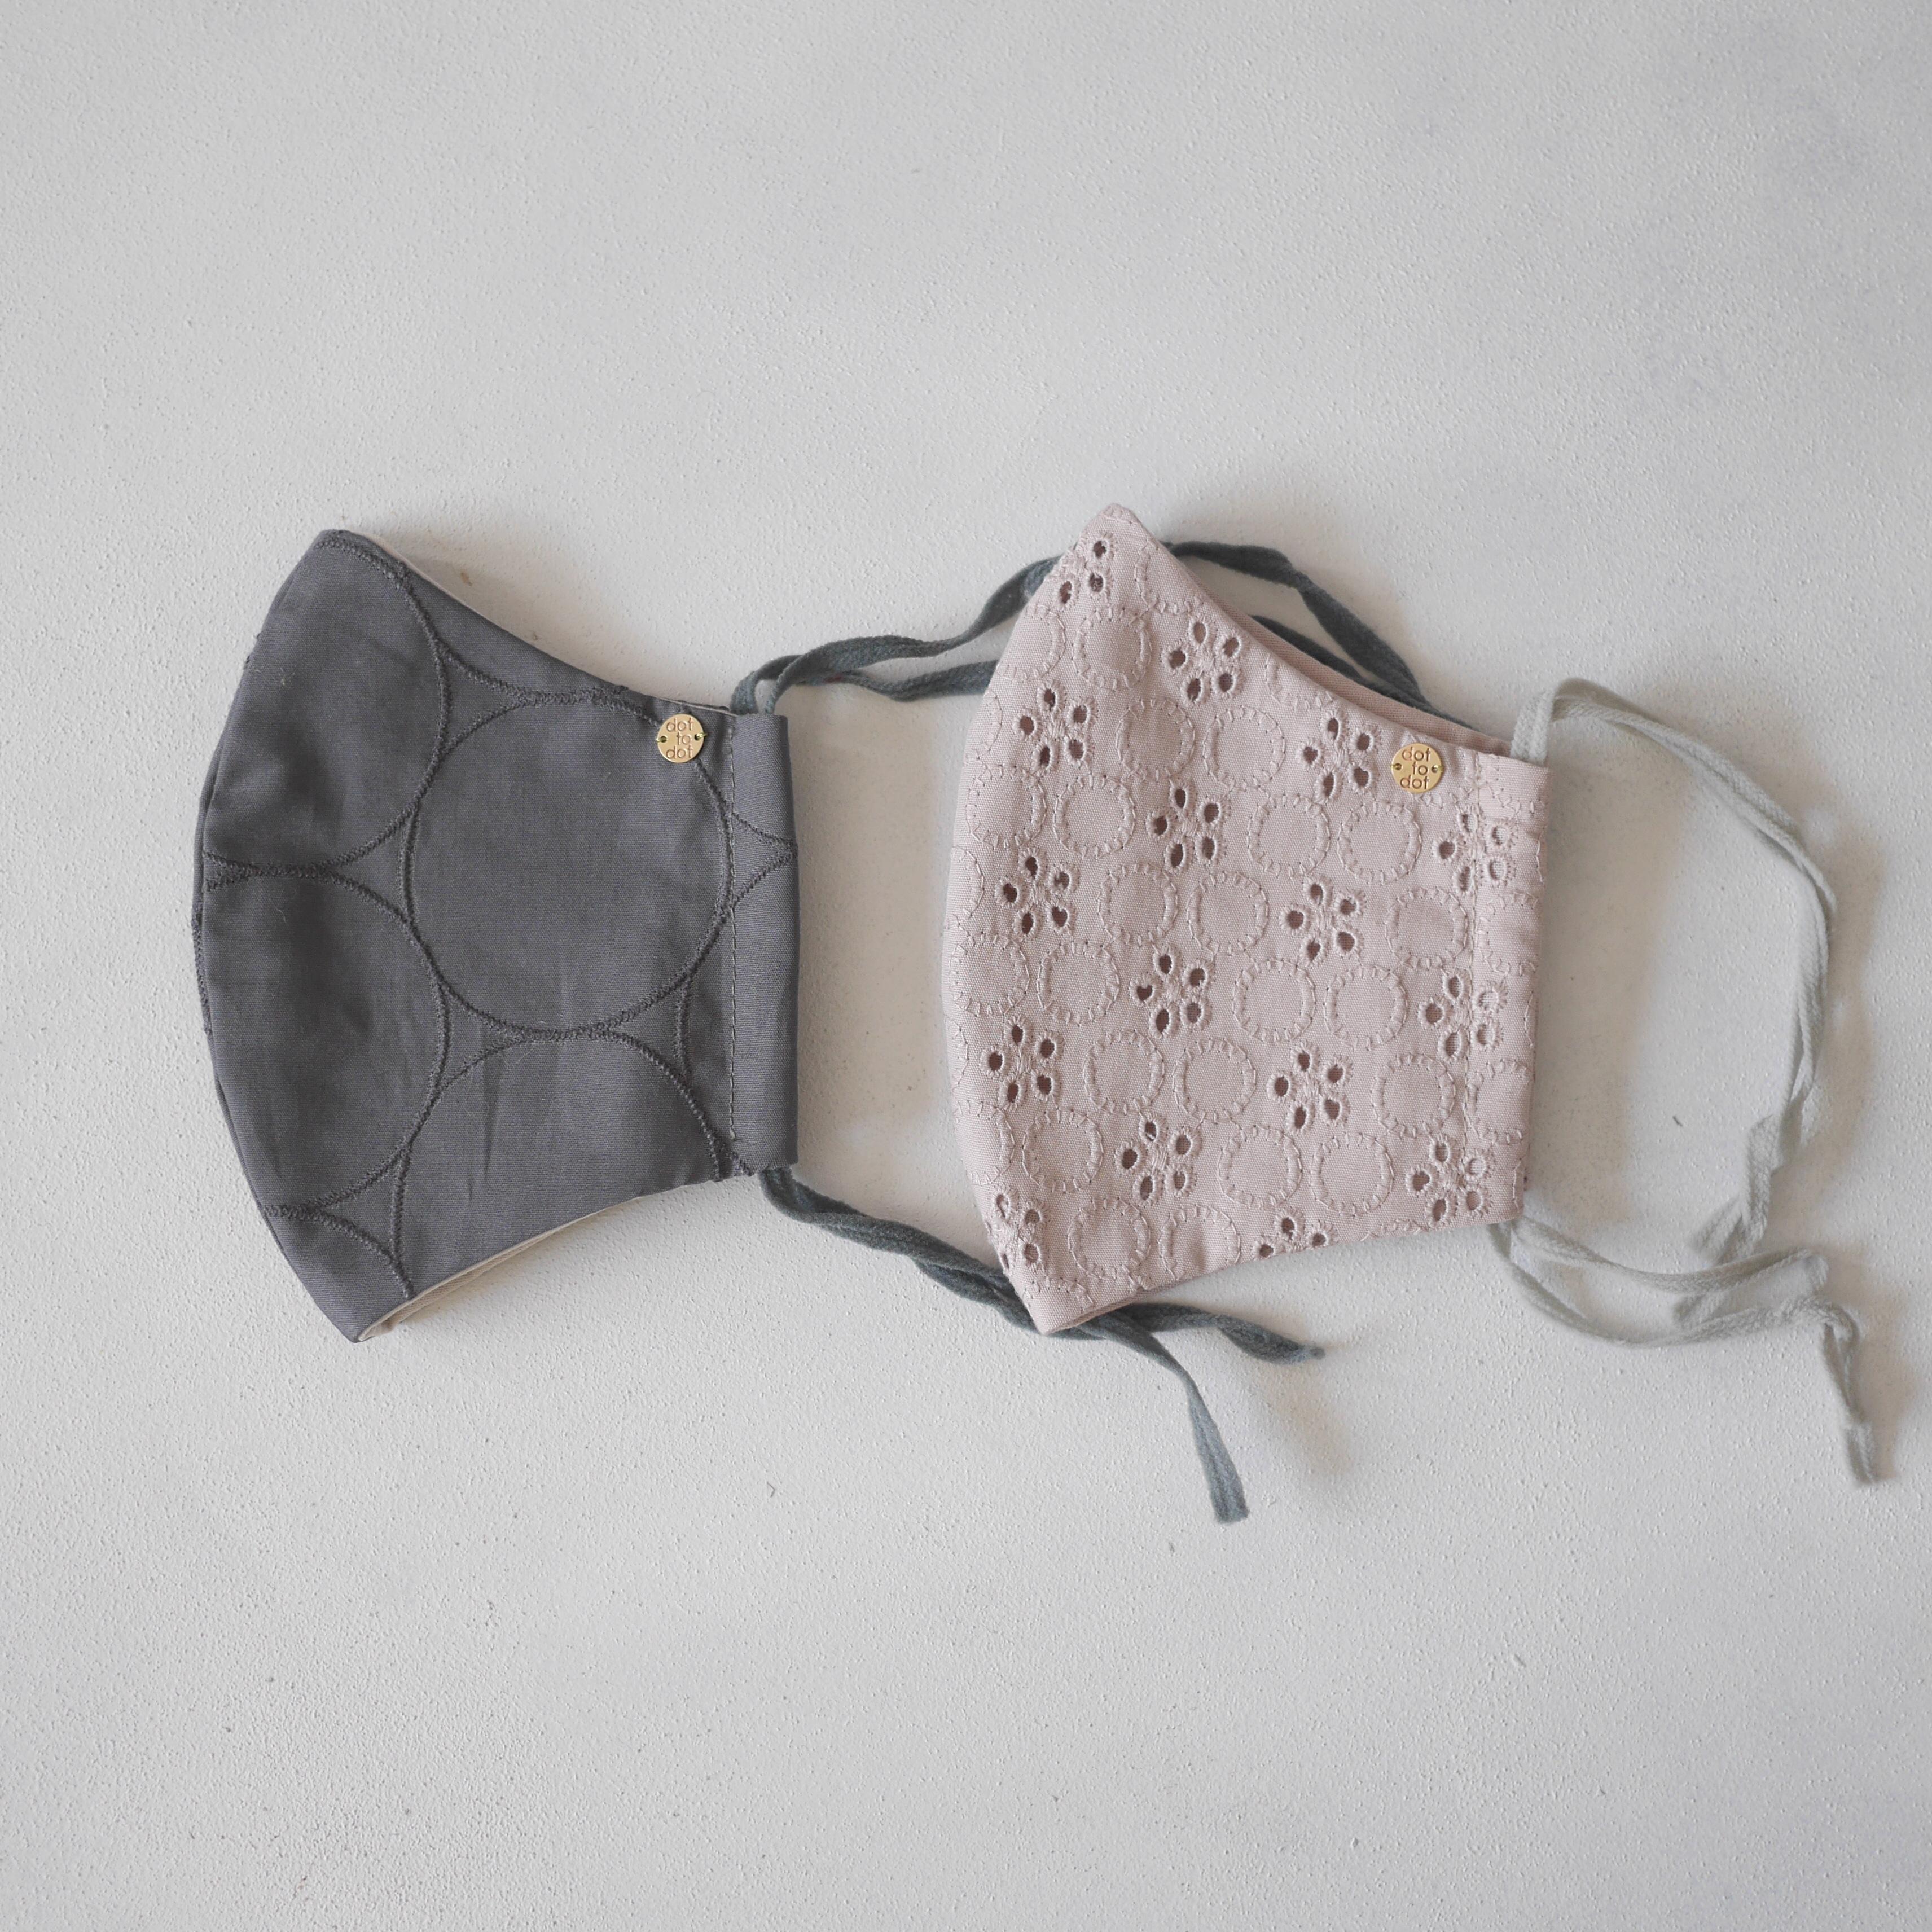 マスク2枚セット:グレーのシャボン柄&ピンクのレース刺繍*大人サイズ